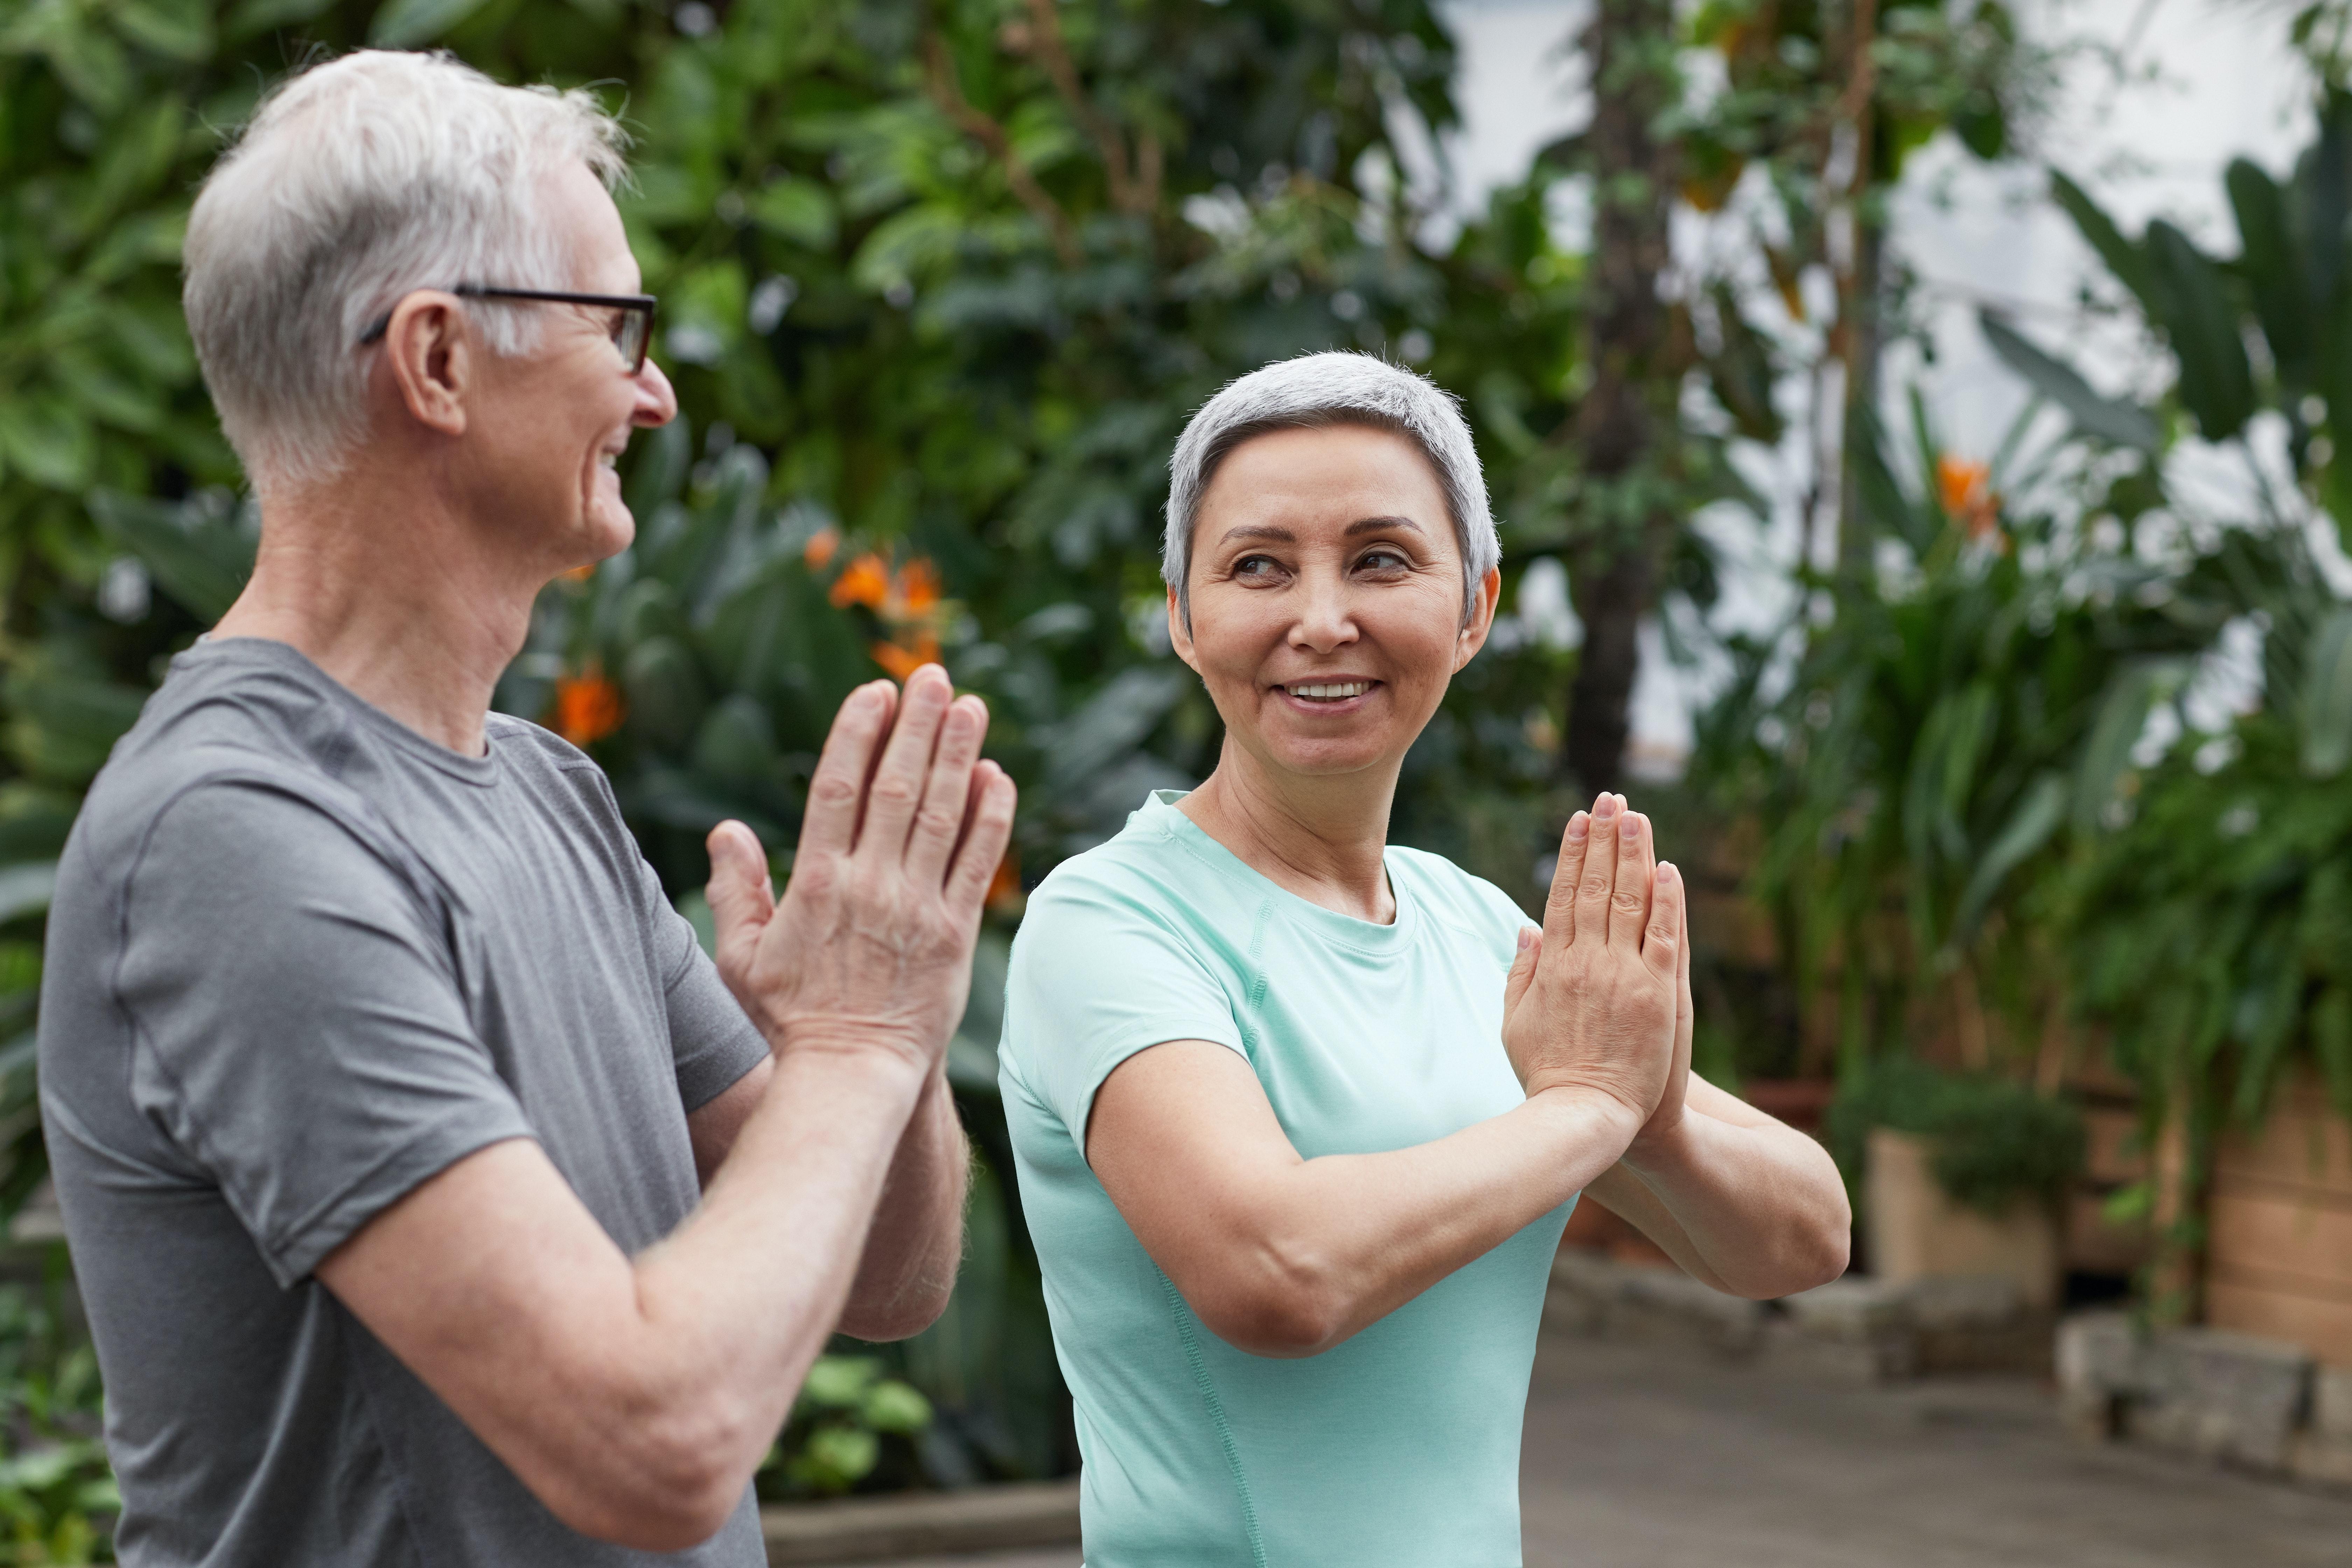 Senhor e senhora fazendo yoga juntos, se olhando e sorrindo.